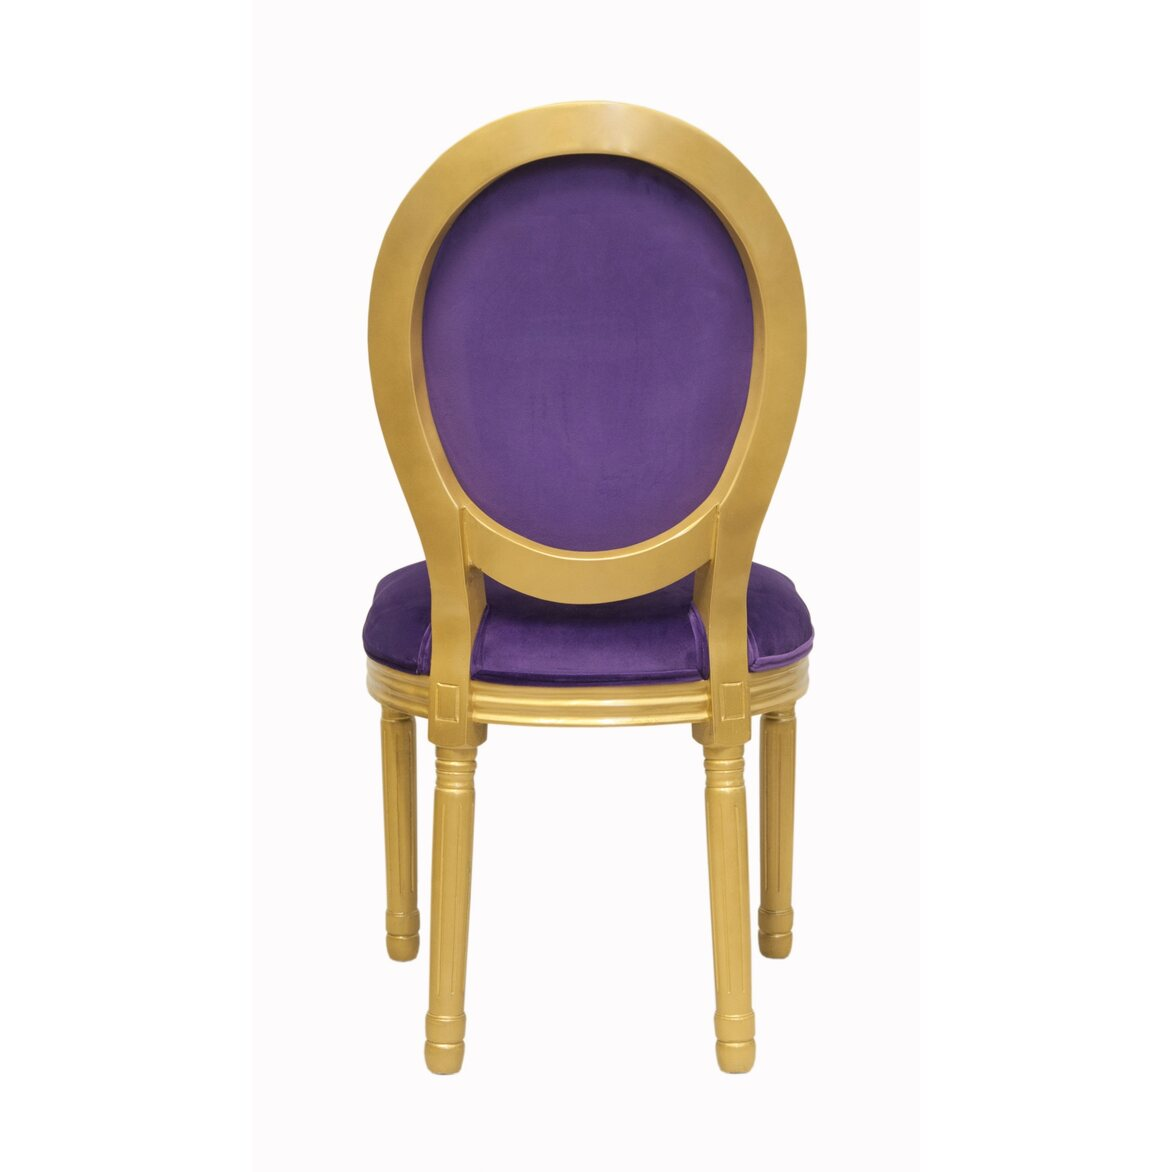 Стул Volker violet gold 3 | Обеденные стулья Kingsby